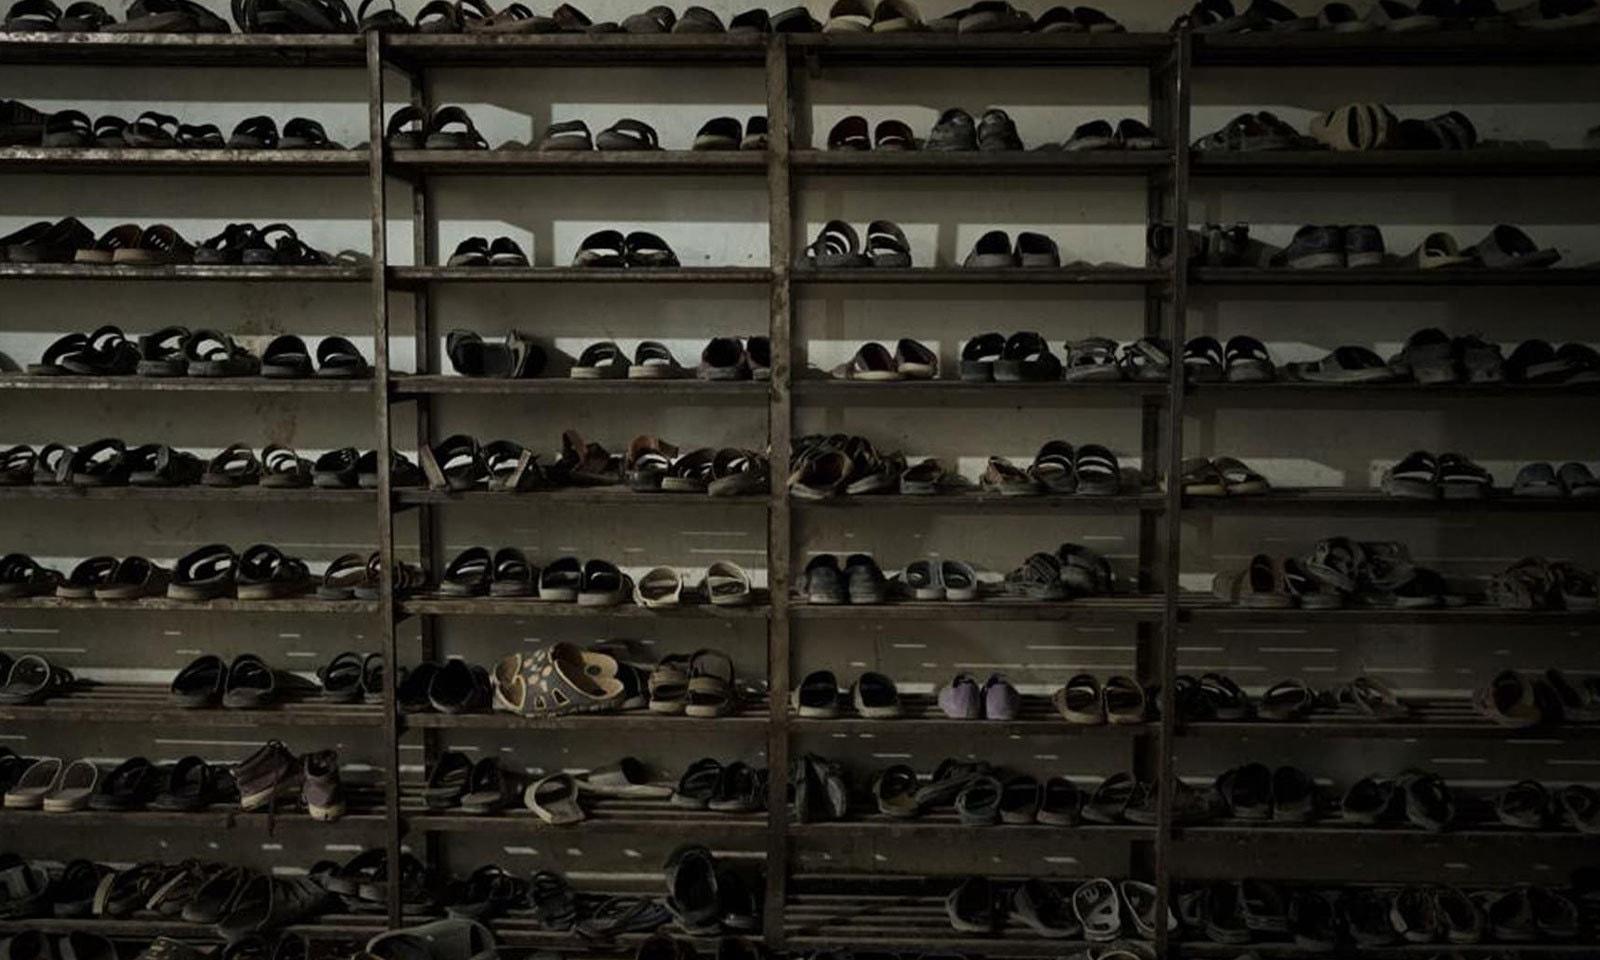 طلبا کے جوتے افغانستان کے دارالحکومت کابل میں خاتم الانبیا مدرسے کے ڈائننگ ہال کے داخلی مقام پر رکھے ہوئے ہیں—فوٹو: اے پی